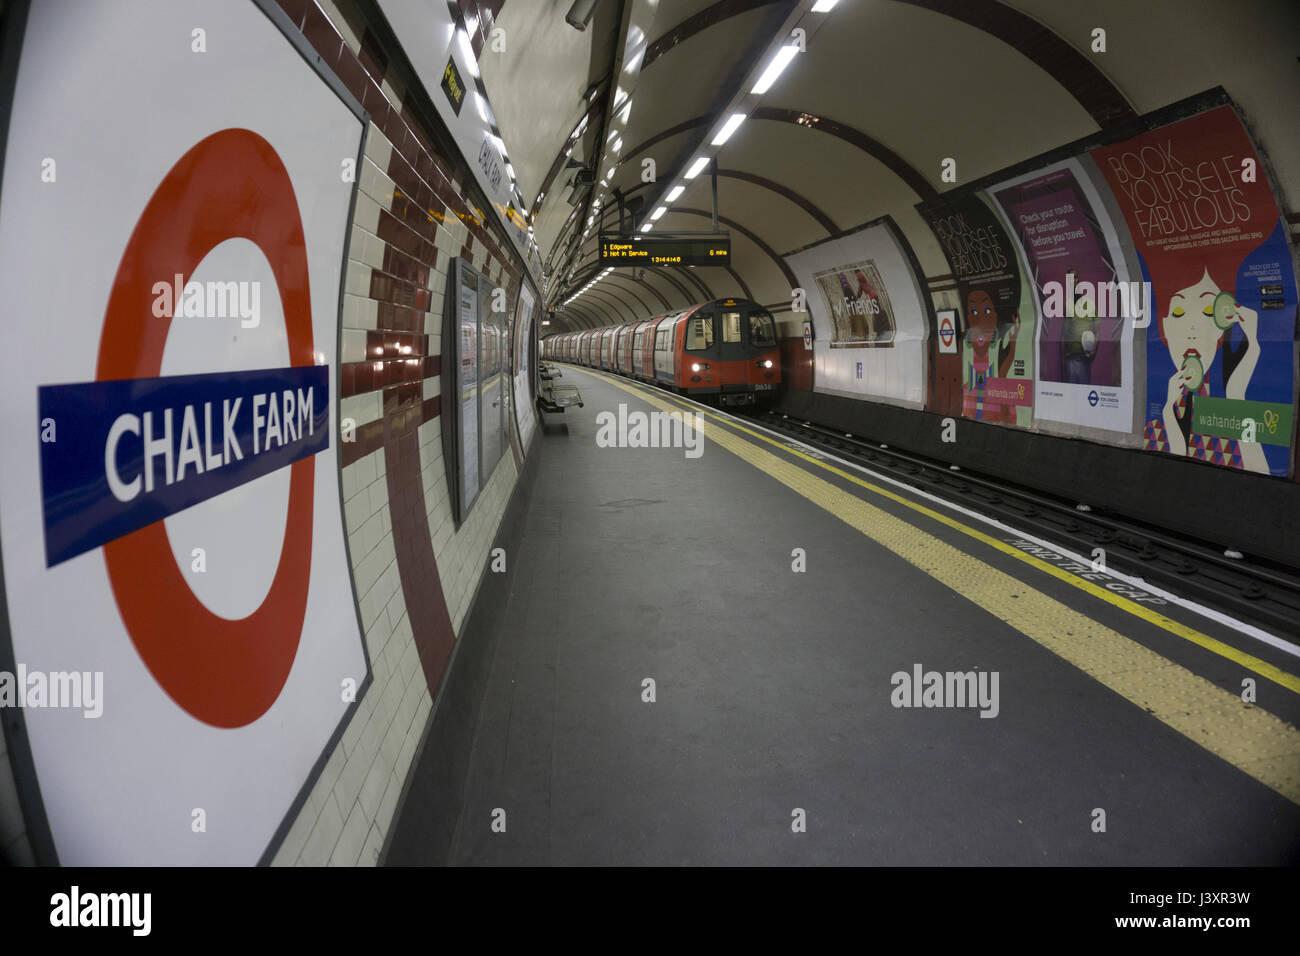 Chalk Farm stazione della metropolitana a Londra la Northern Line, la fermata più vicina al mercato di Camden Immagini Stock